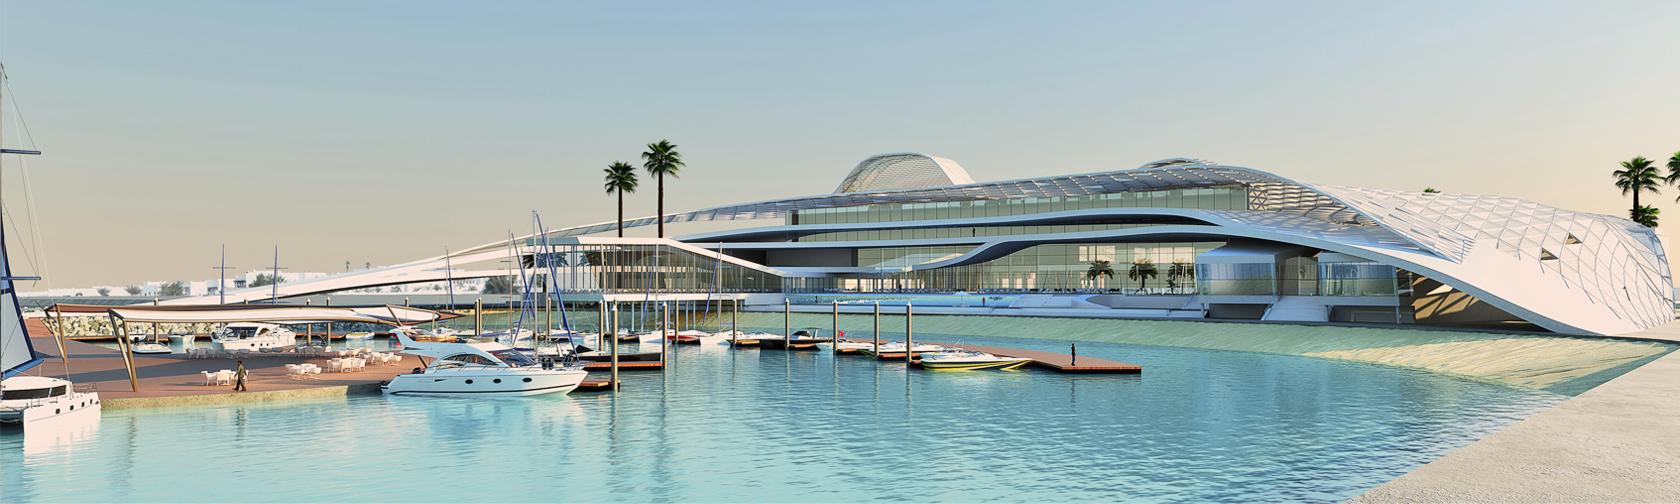 Doha Marina Club